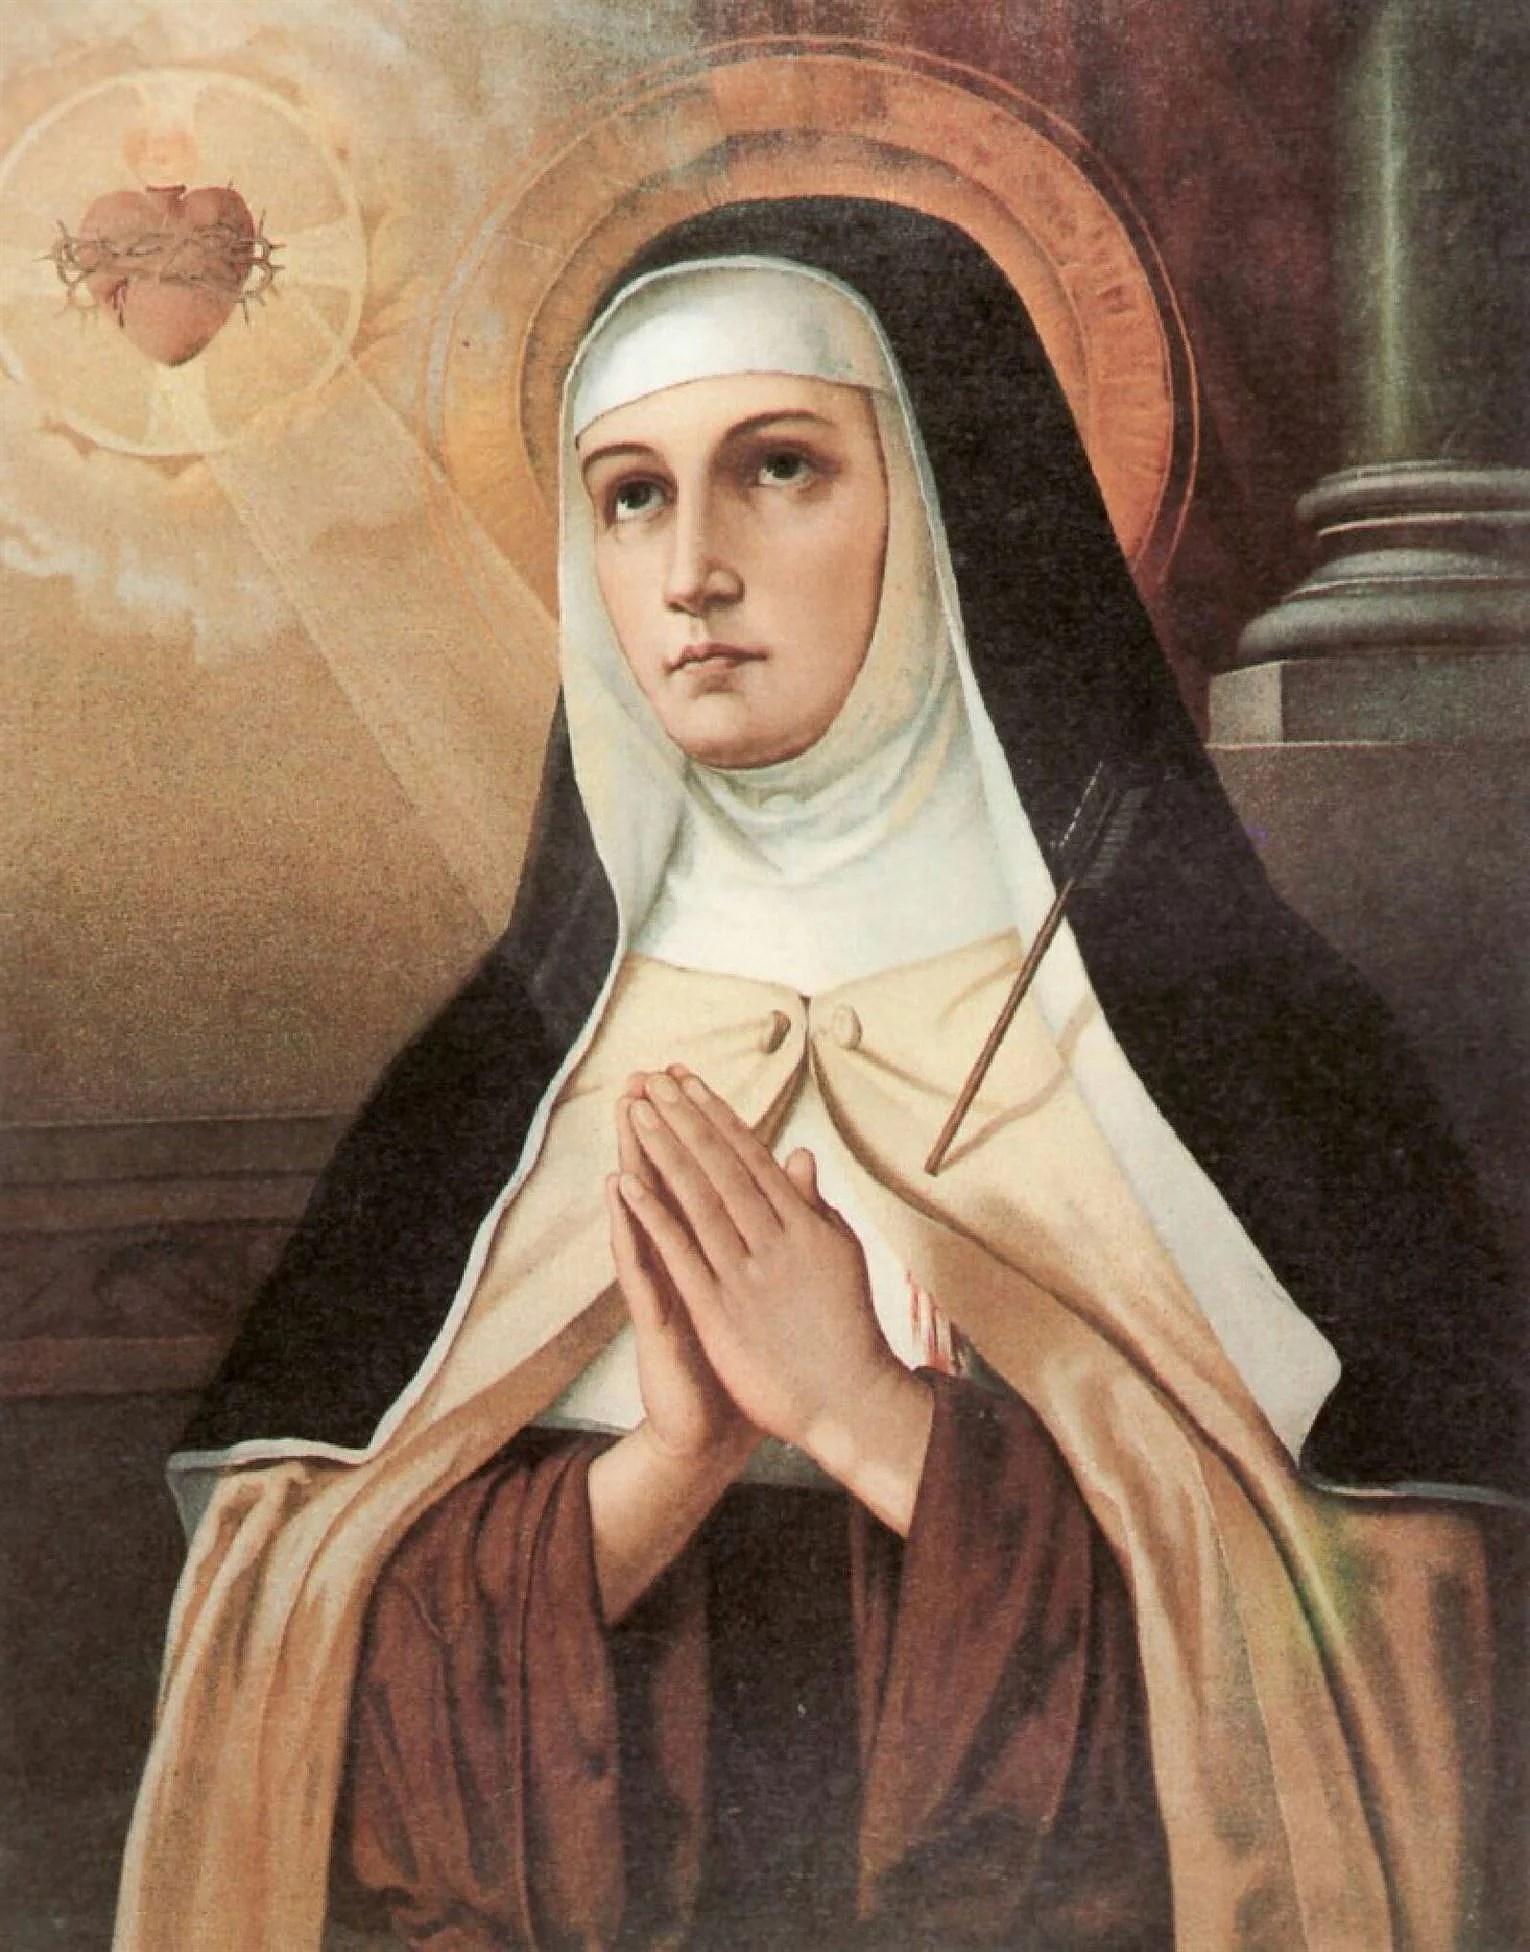 Św. Teresa Wielka pomogła mi znaleźć kierownika duchowego oraz zniweczyć wąpliwości o stałym spowie